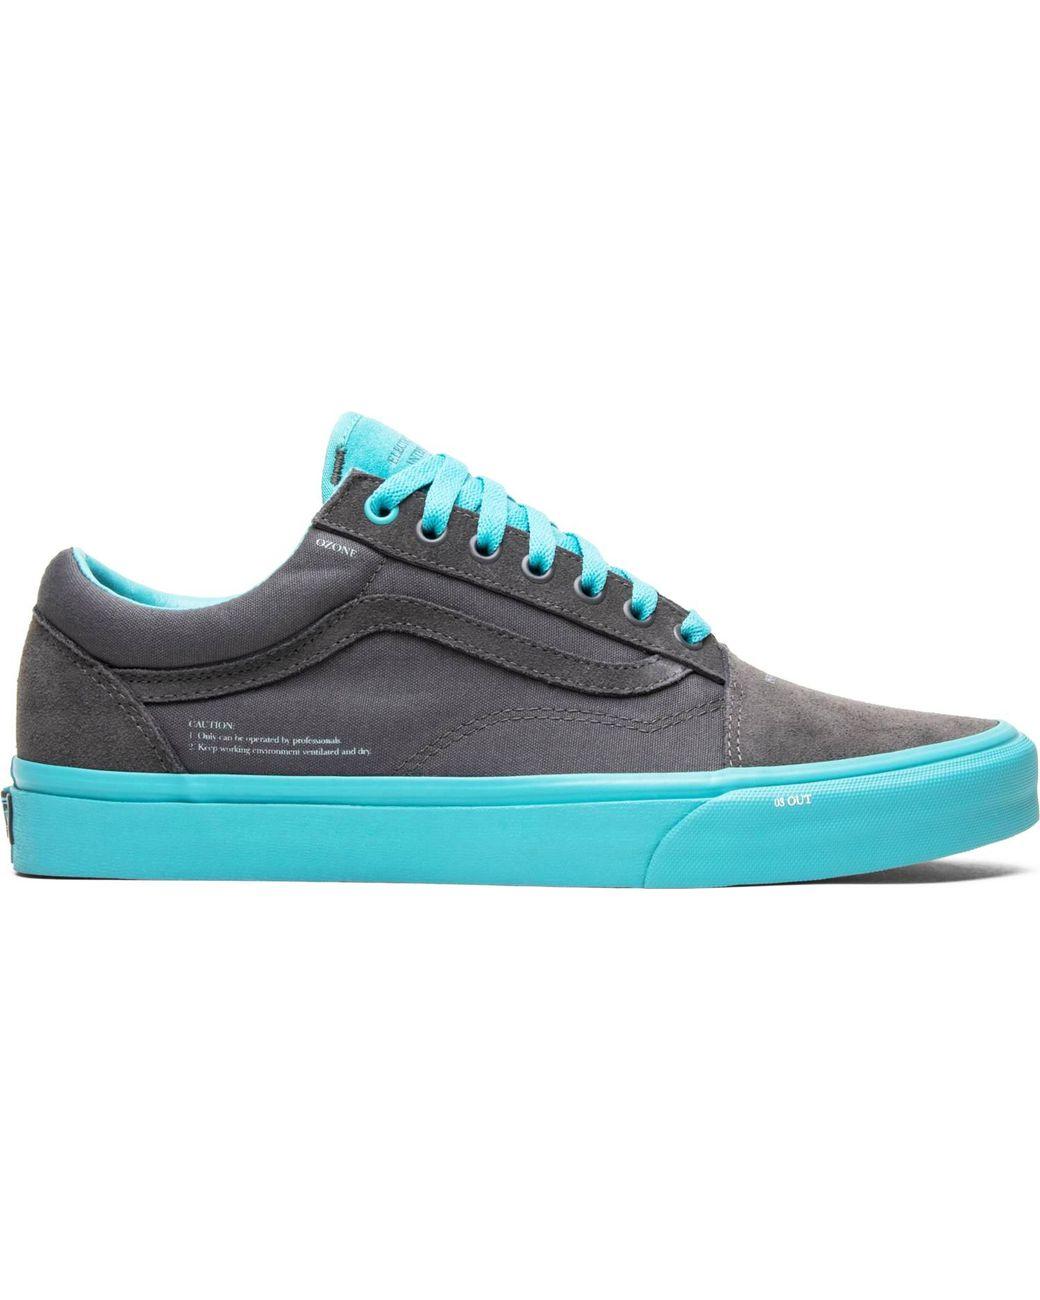 Vans Old Skool C2h4 in Grey/Blue (Gray